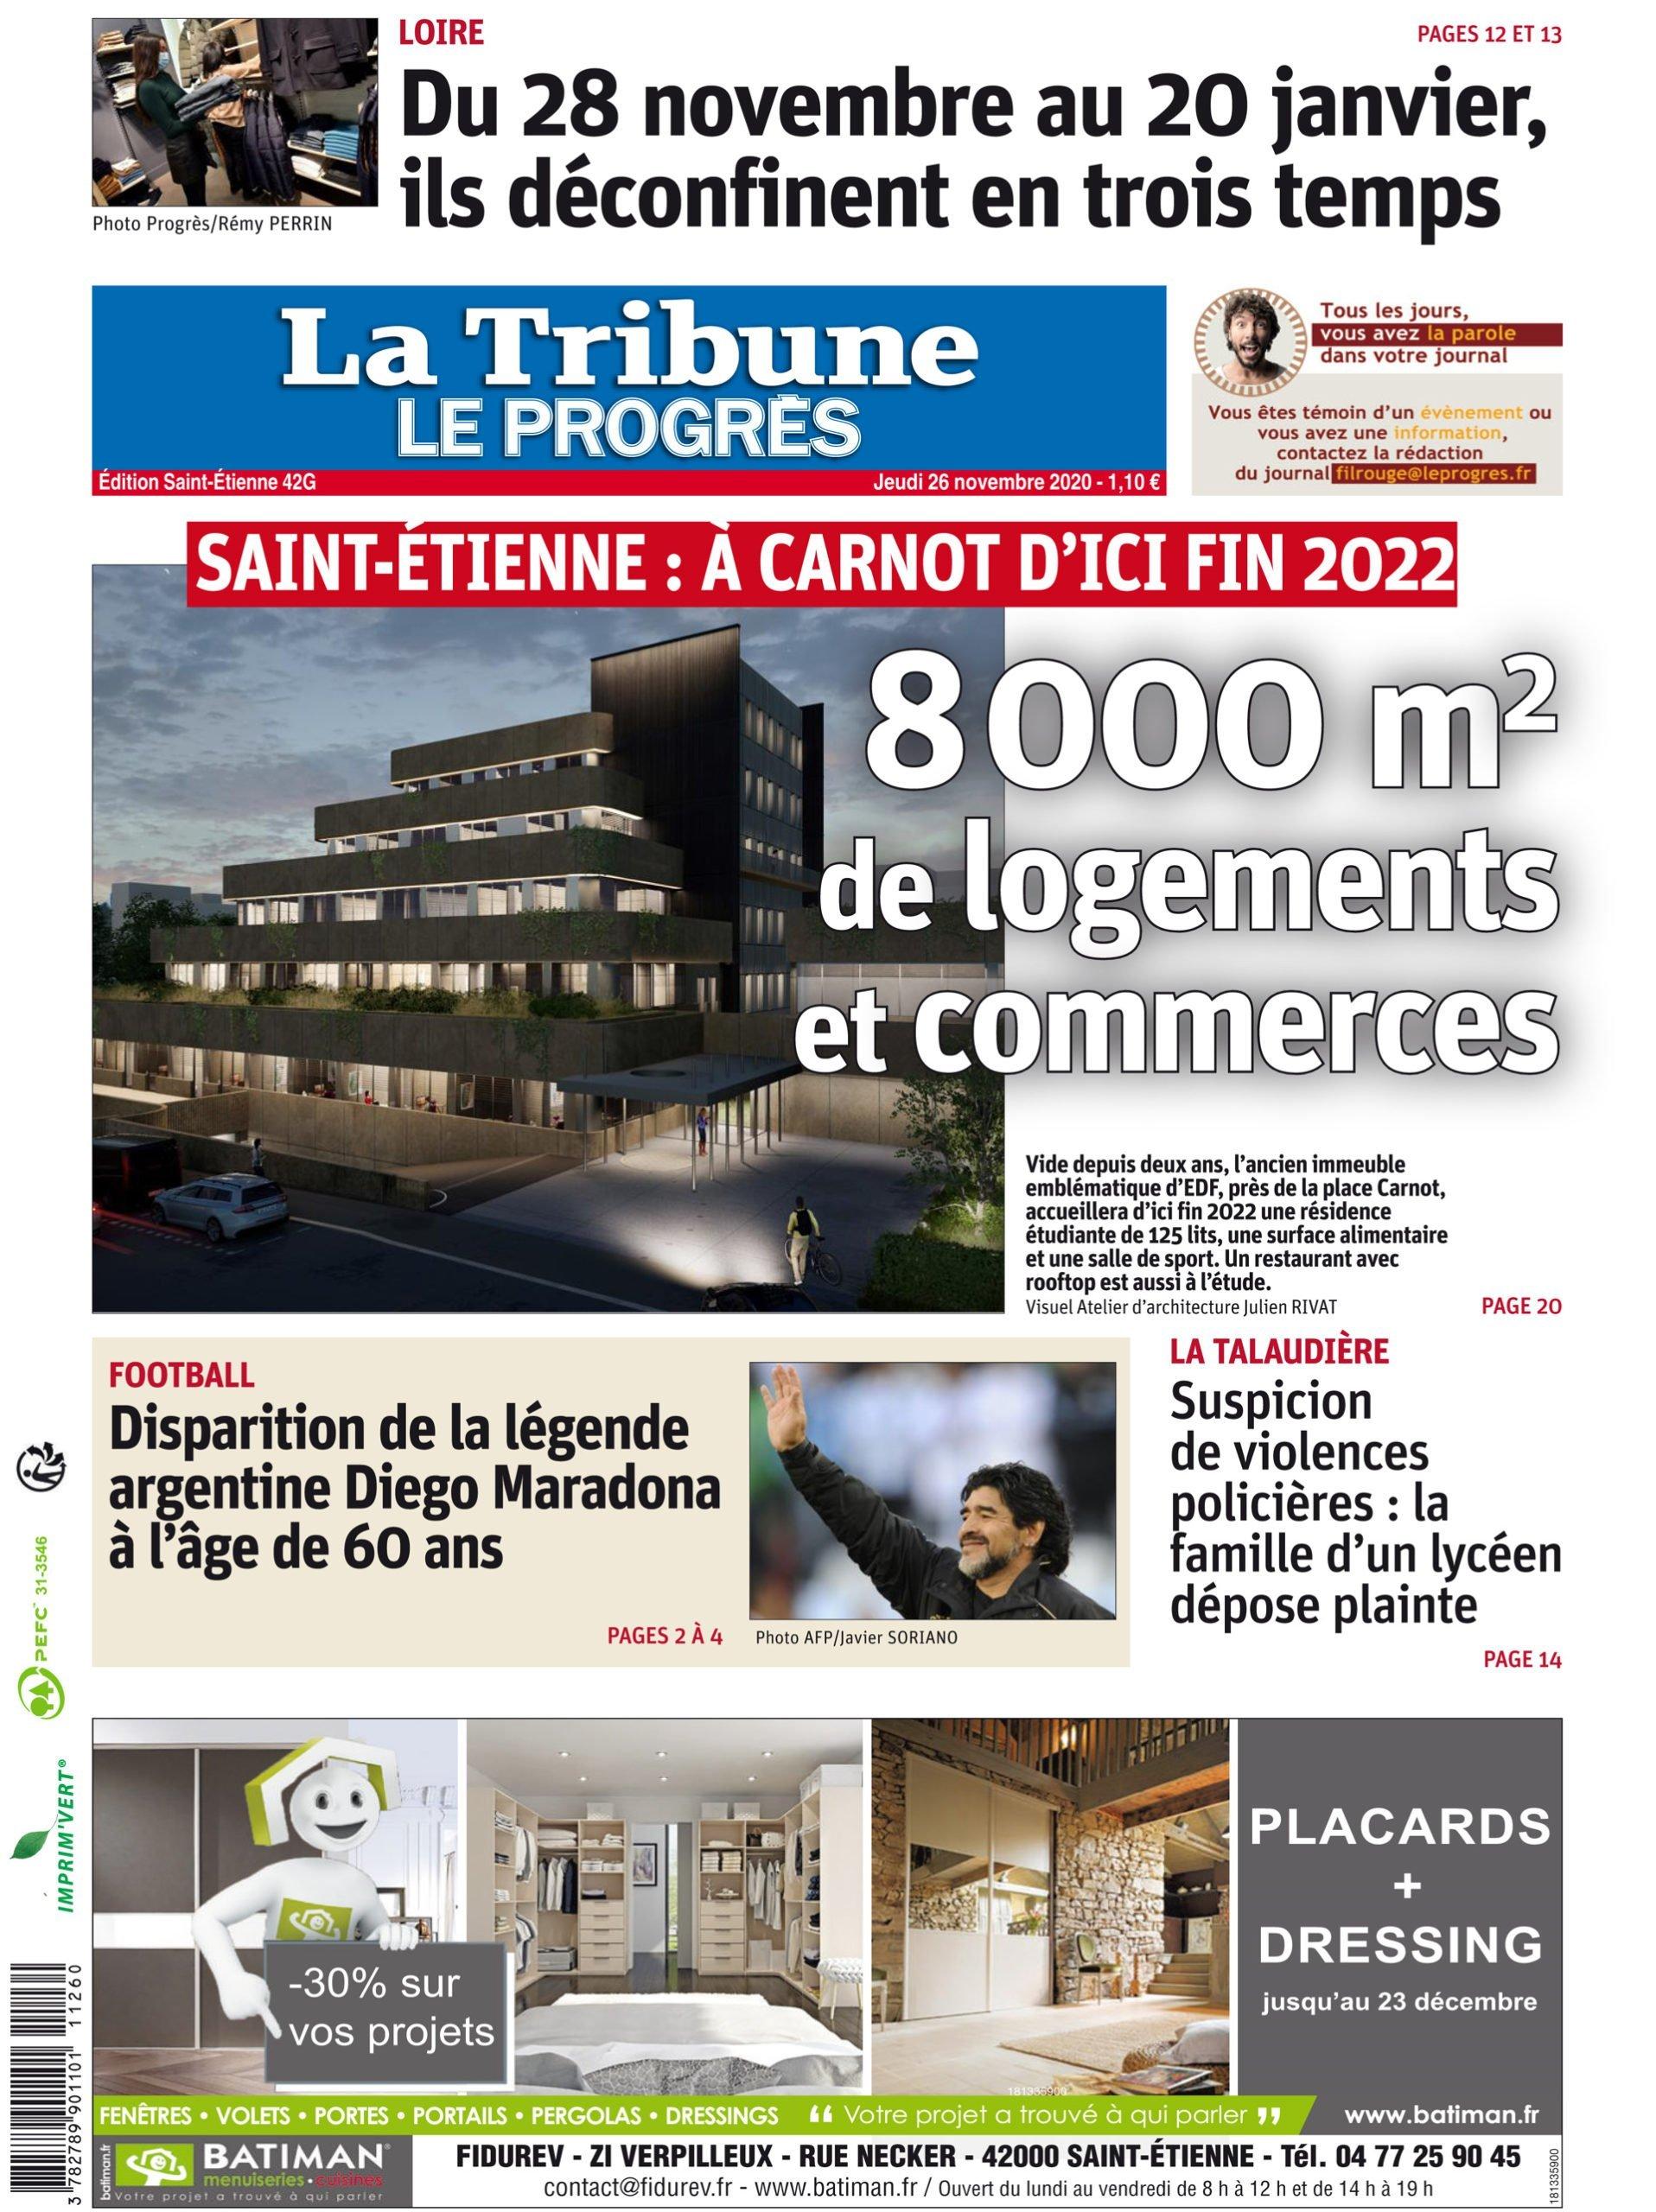 ARTICLE LE PROGRES : Carnot, 8000 m² de logements et de commerces à la place d'EDF